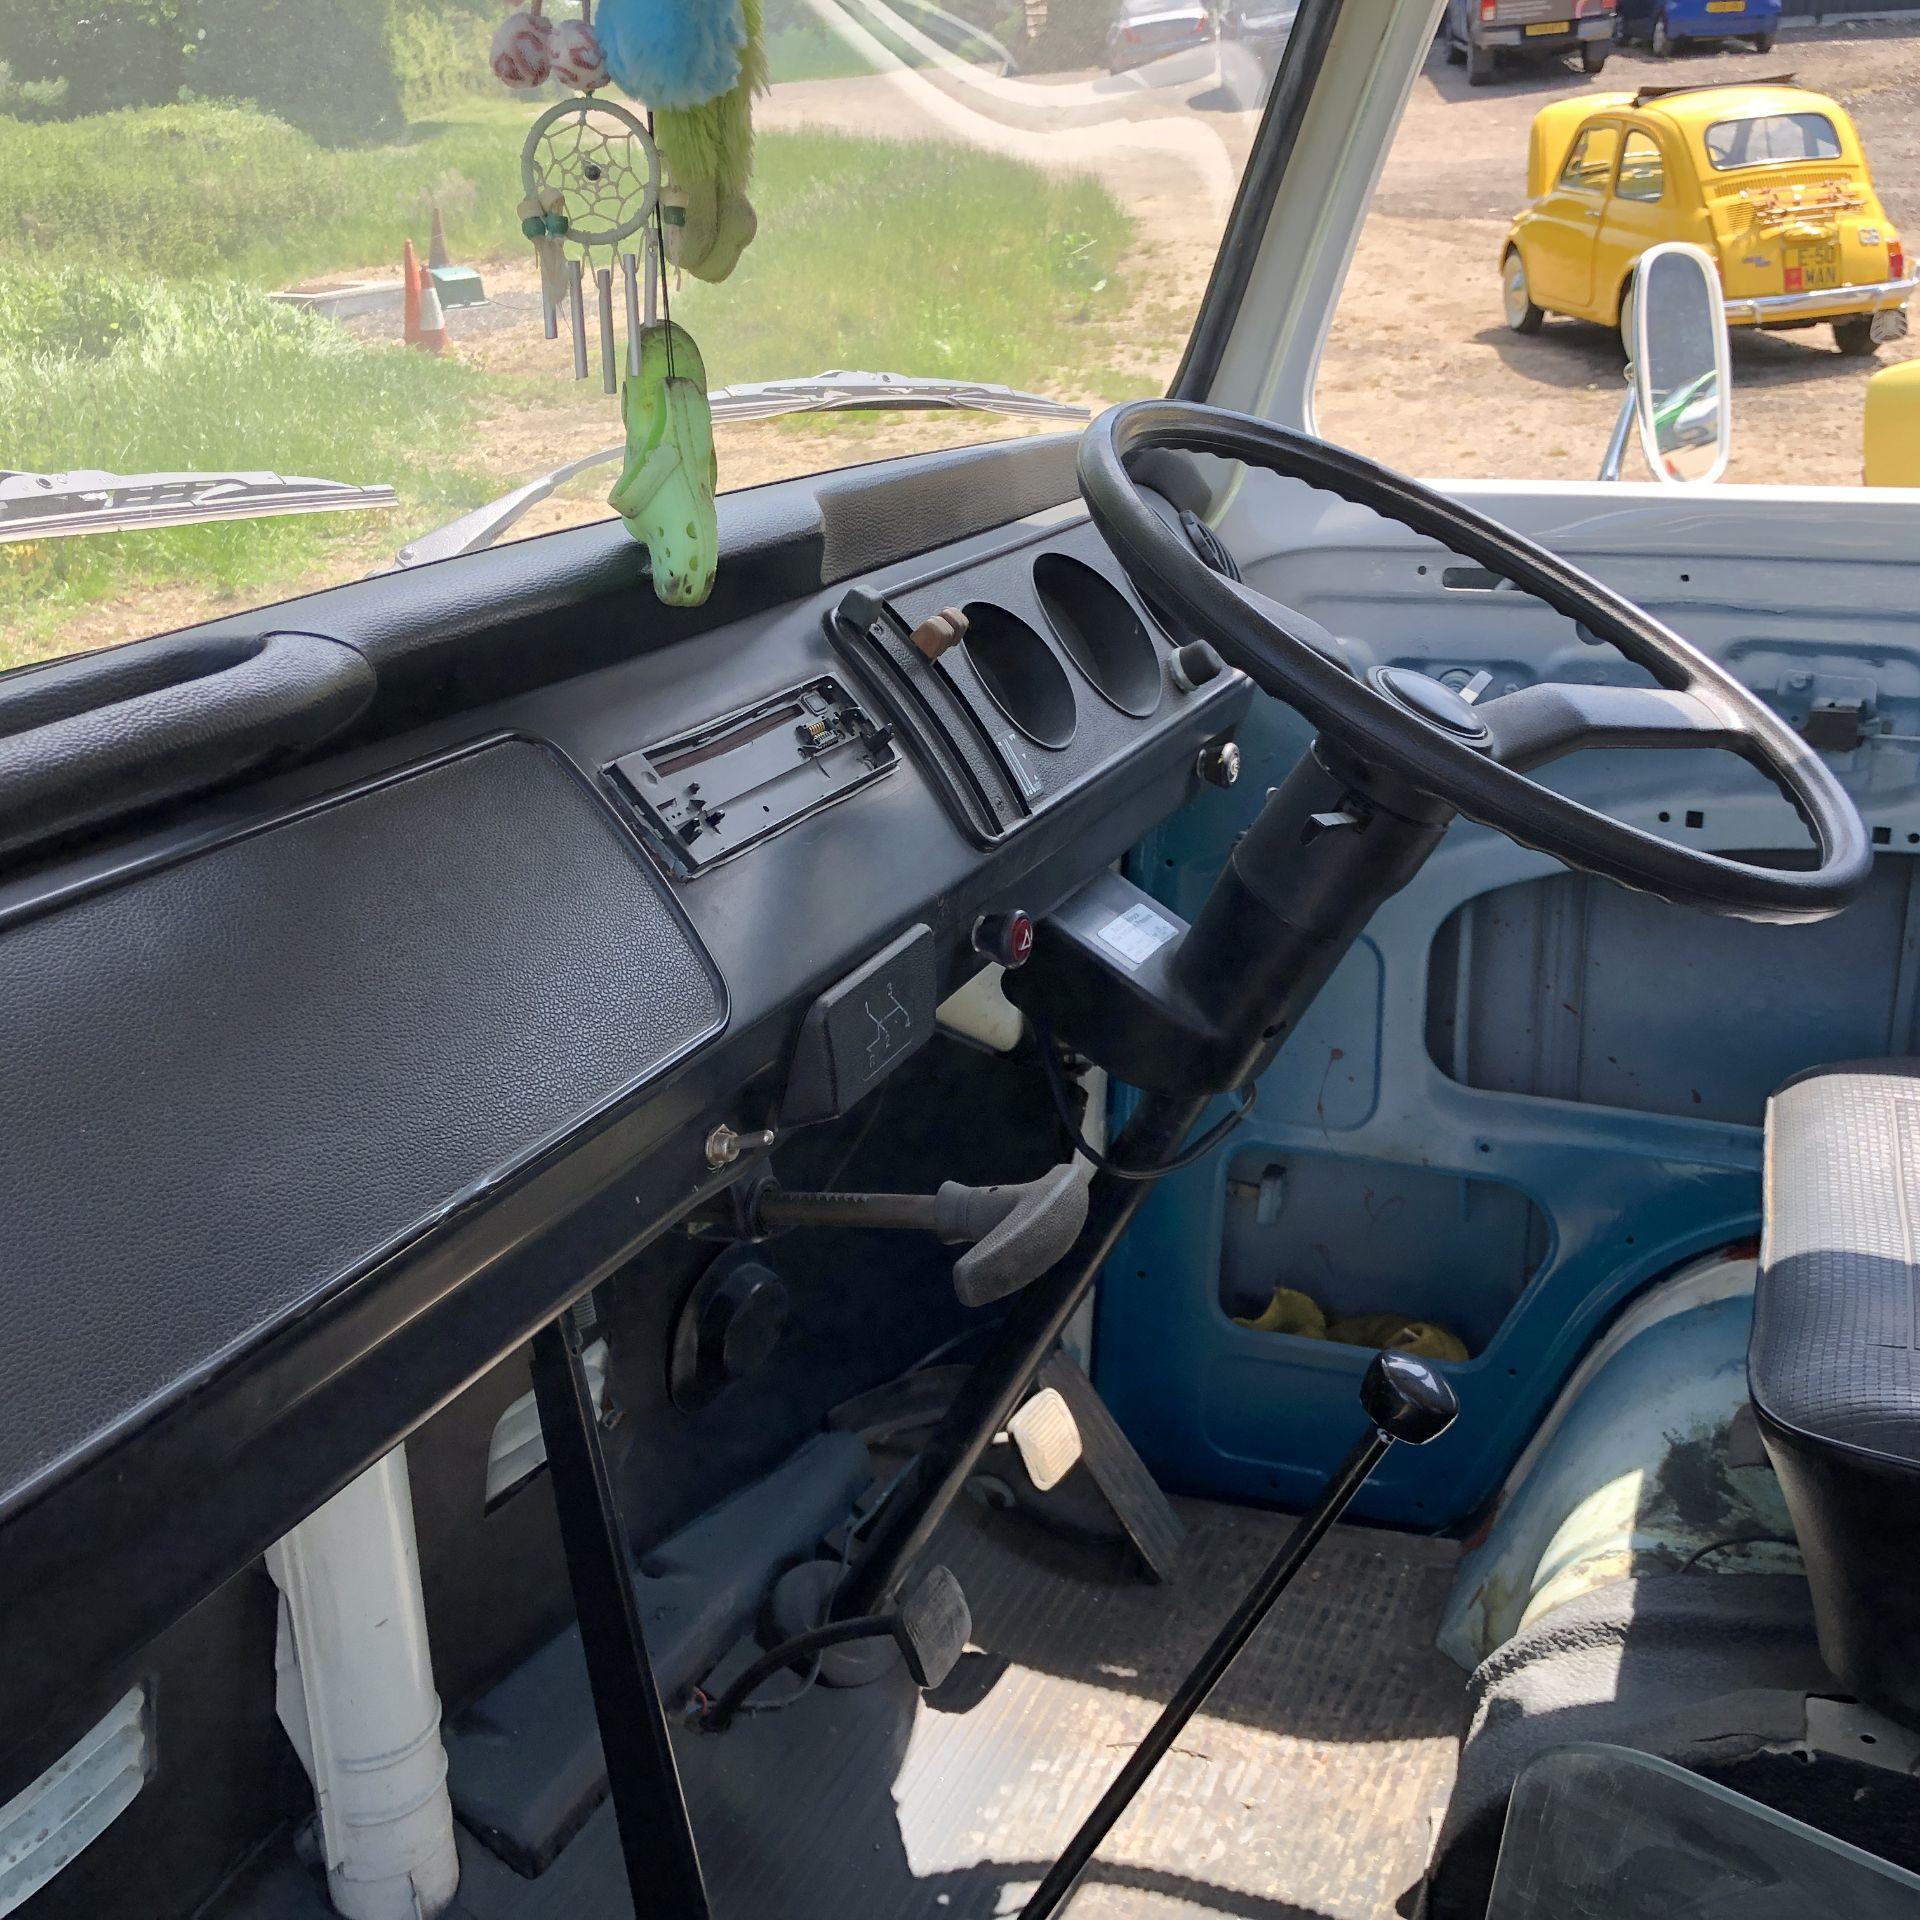 VW Microbus 8 Seater Caravanette Devon - 'Mr Blue' Petrol, Registration UMH 420S, First Registered - Image 42 of 47